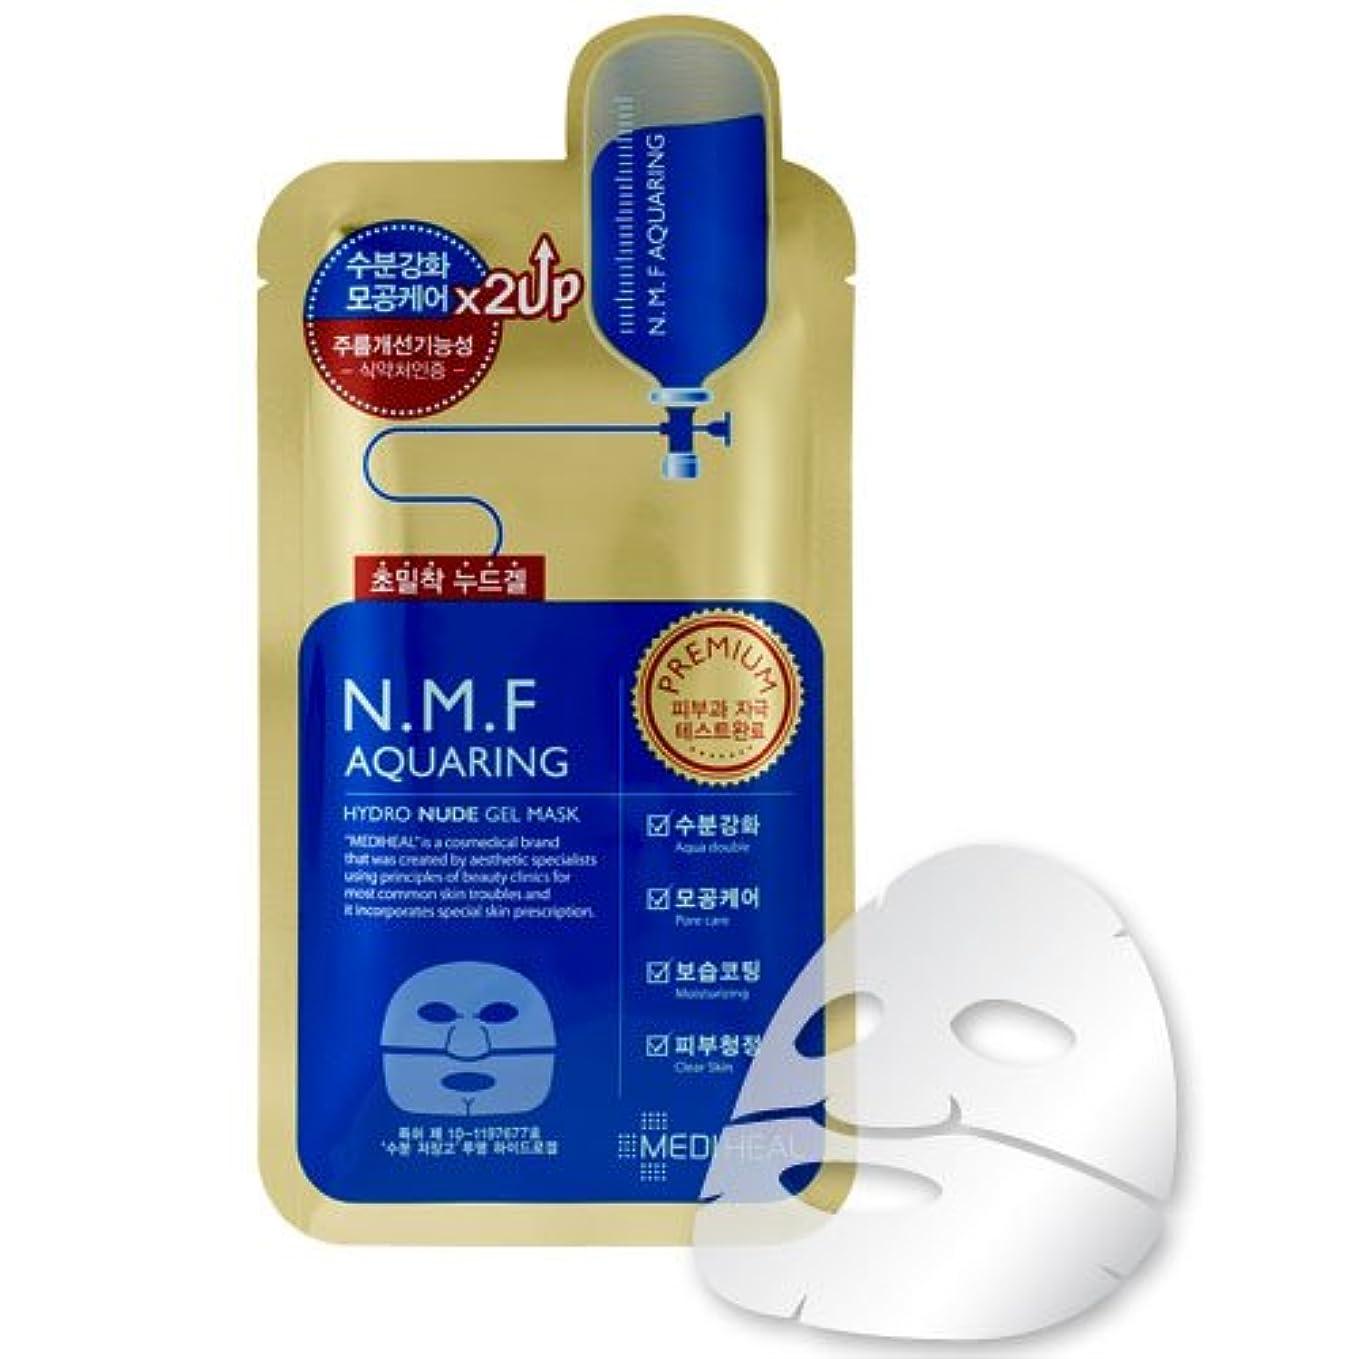 国内のシリンダー個性メディヒール NMF アクアリング ヌード ゲルマスク 1P [海外直送品][並行輸入品]